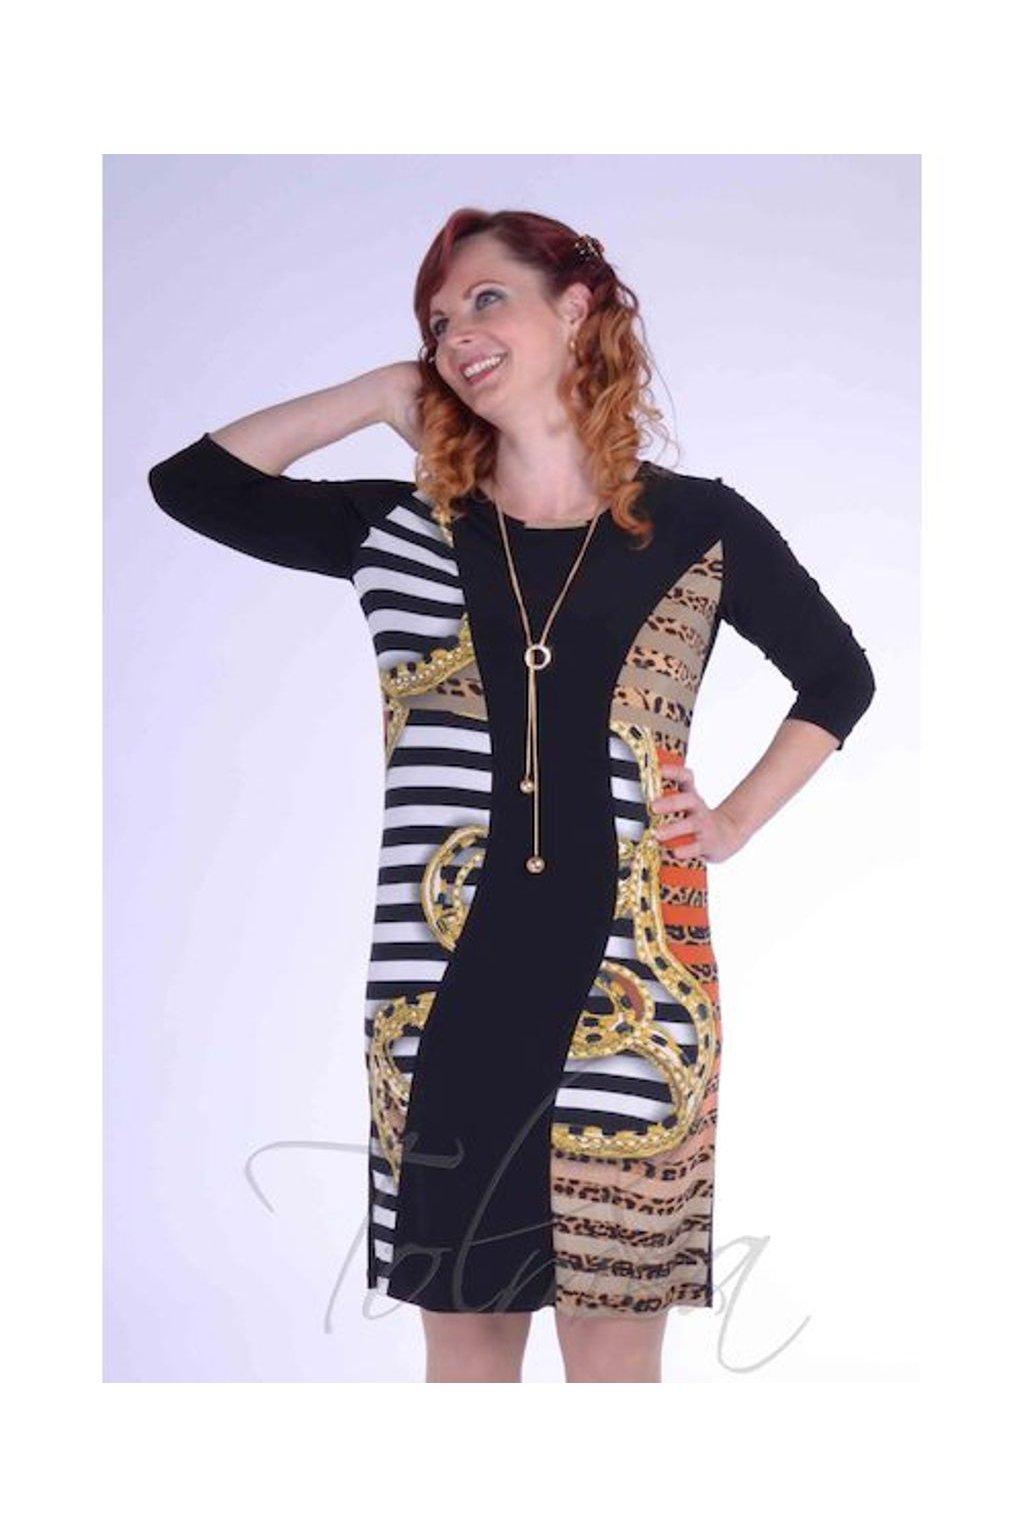 Šaty vlna vzor 2318 (Velikost 36, Barva Vzorovaná)